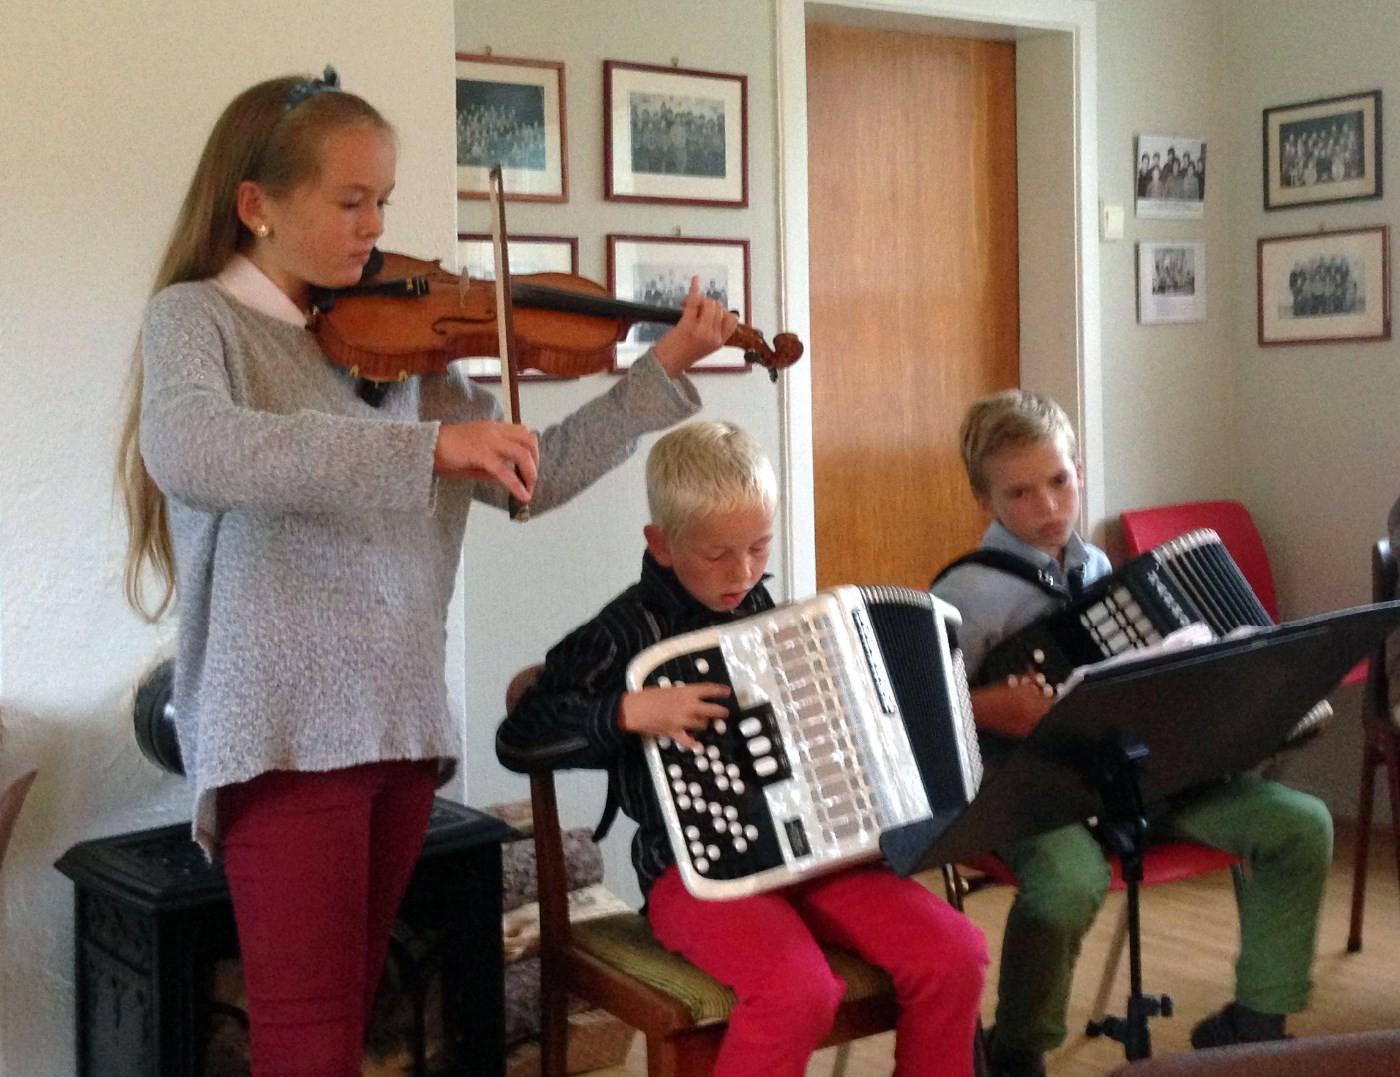 For full musikk - Bodil, Alfred og Hallvard.  Foto:Ragna Kvendset